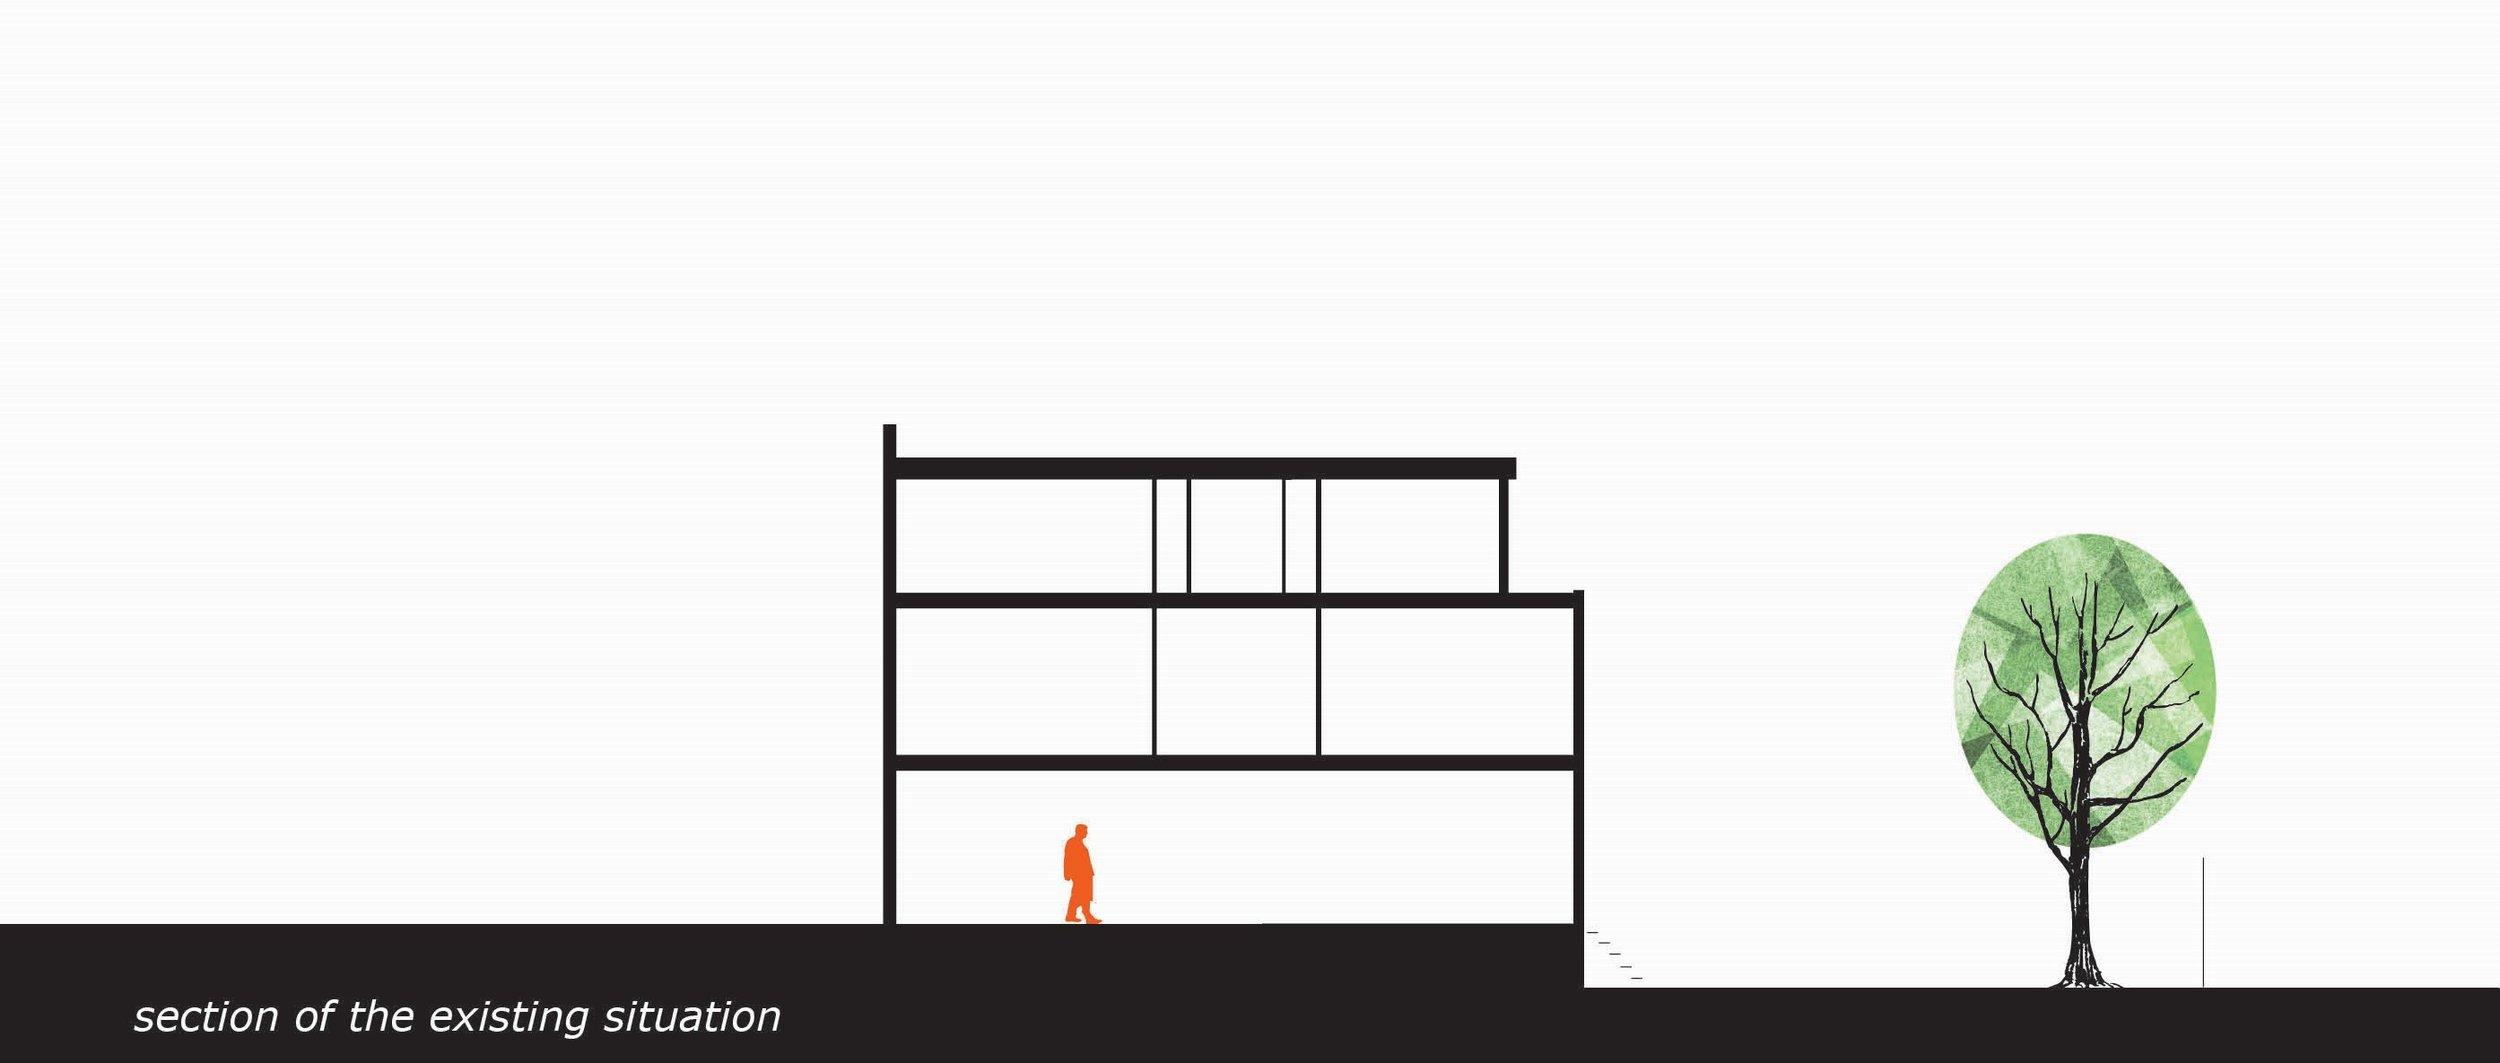 Personal-Architecture-rotterdam-ploeghof-1.jpg